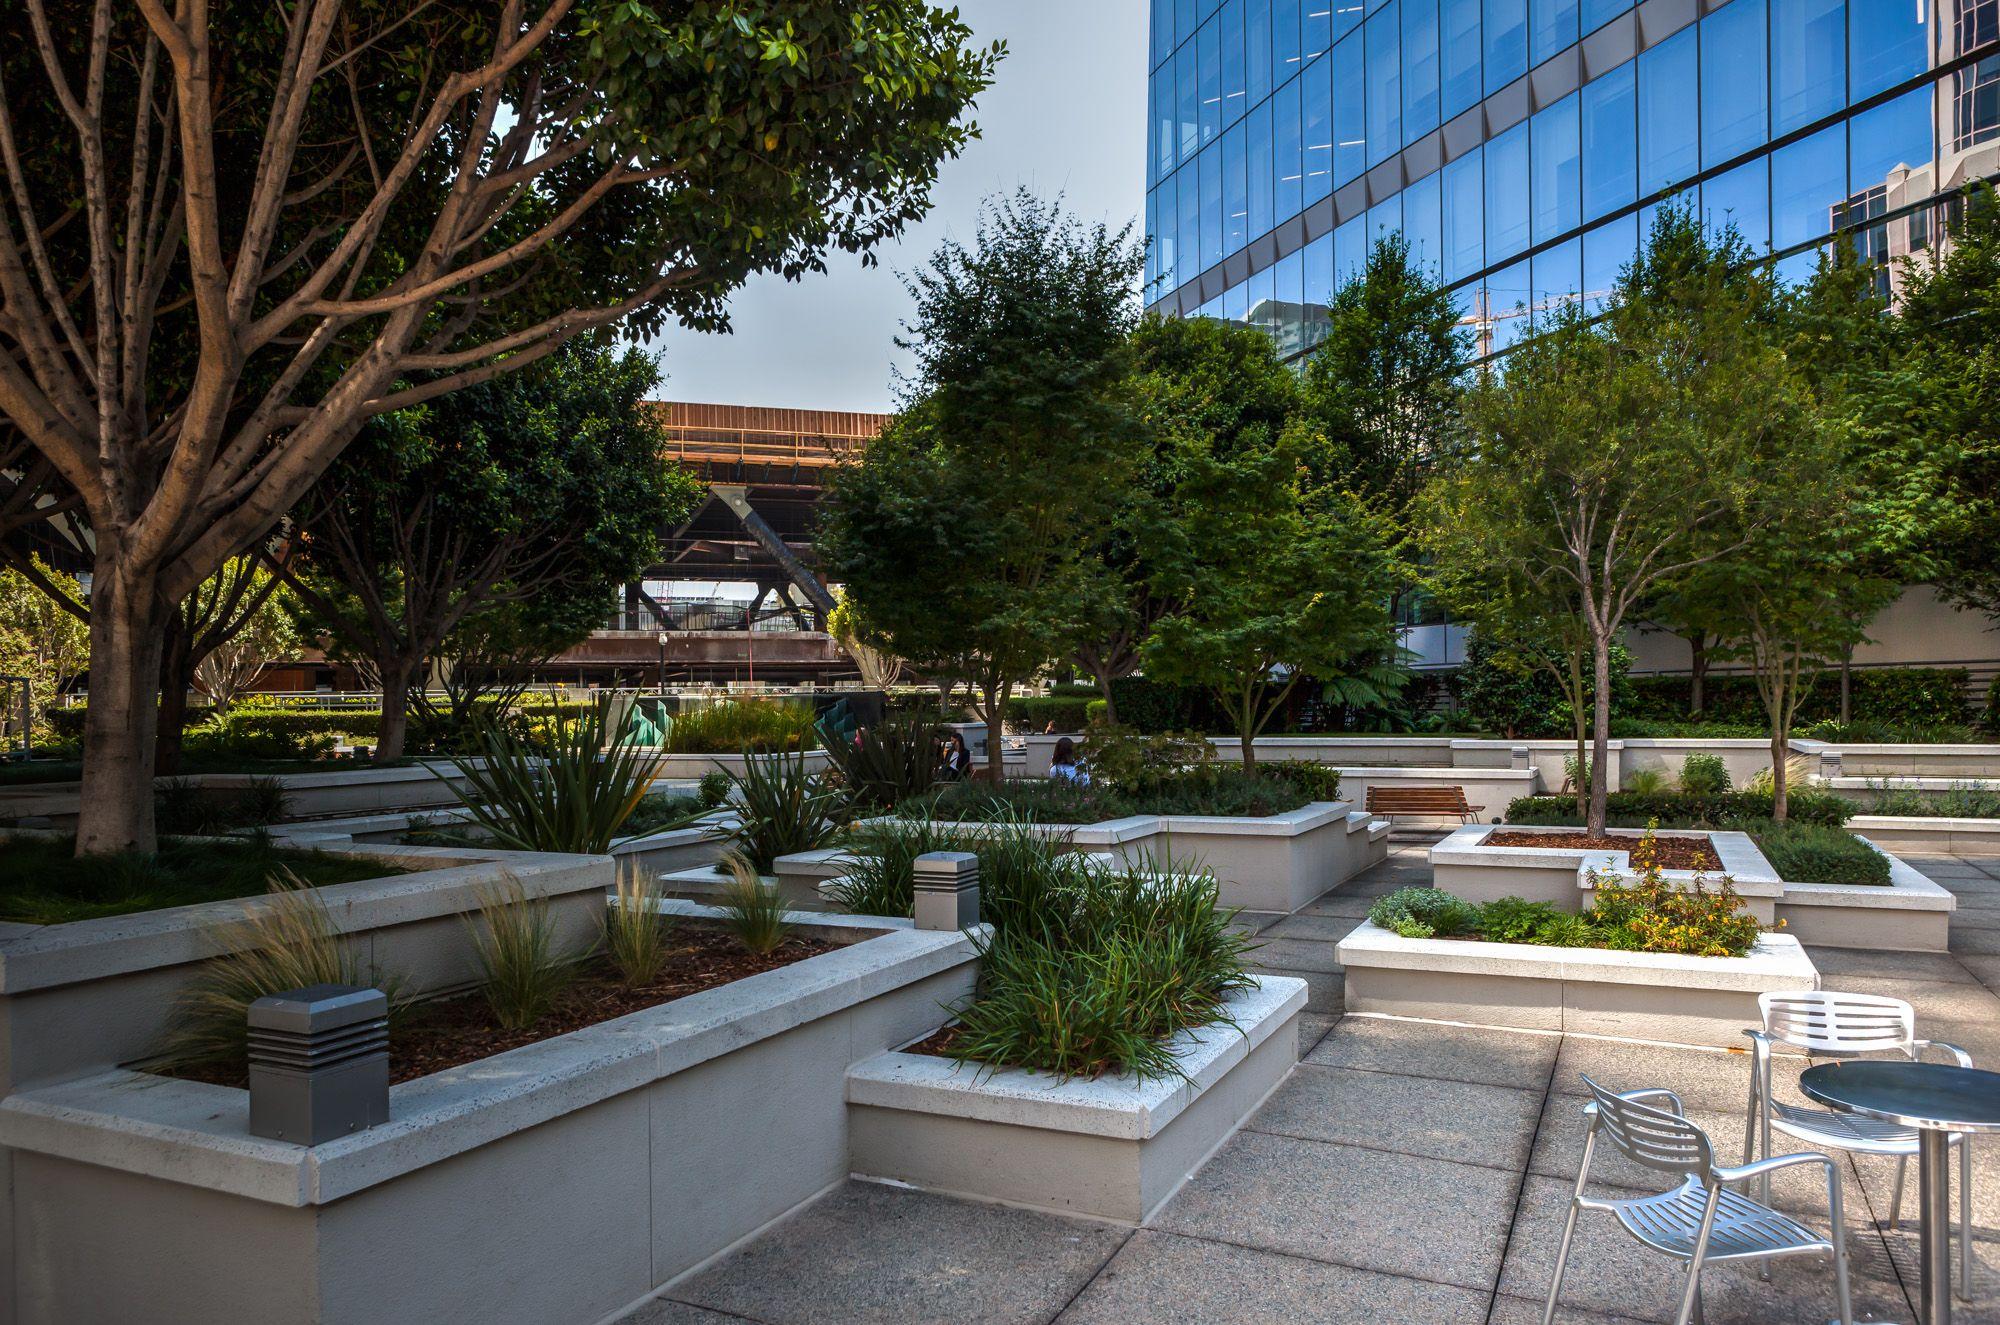 San Francisco 39 S Hidden Rooftop Gardens The Complete List